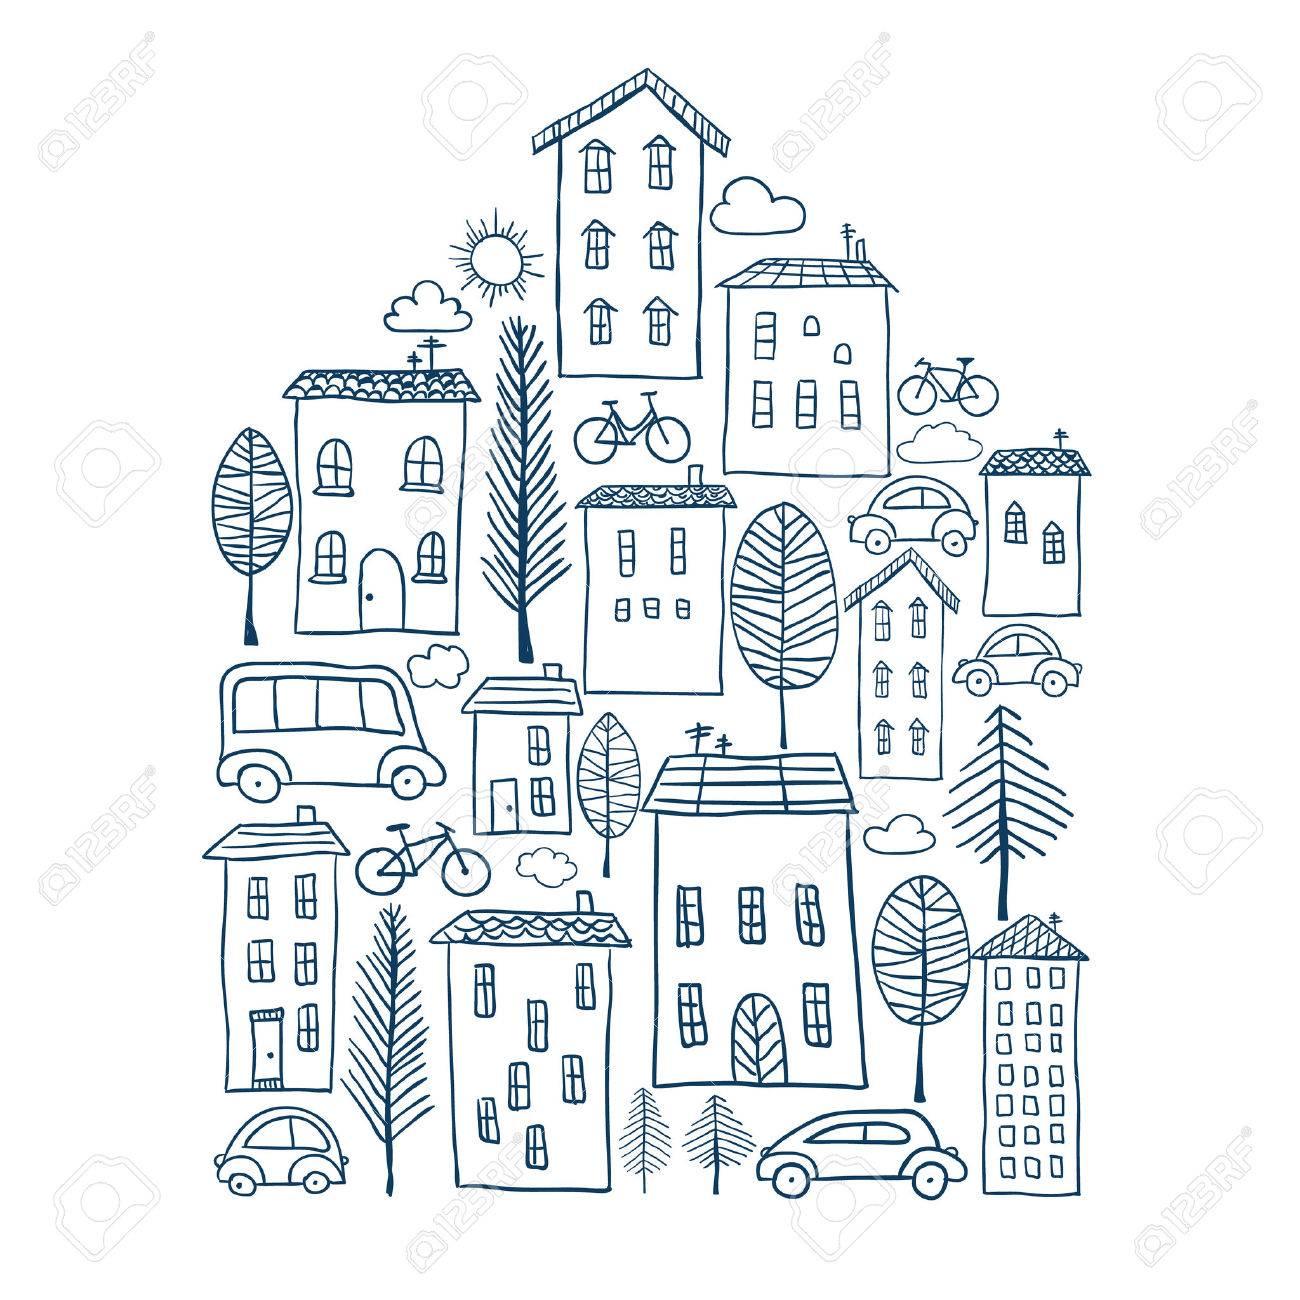 手の家の形で描かれた町のイラストのイラスト素材ベクタ Image 31491204